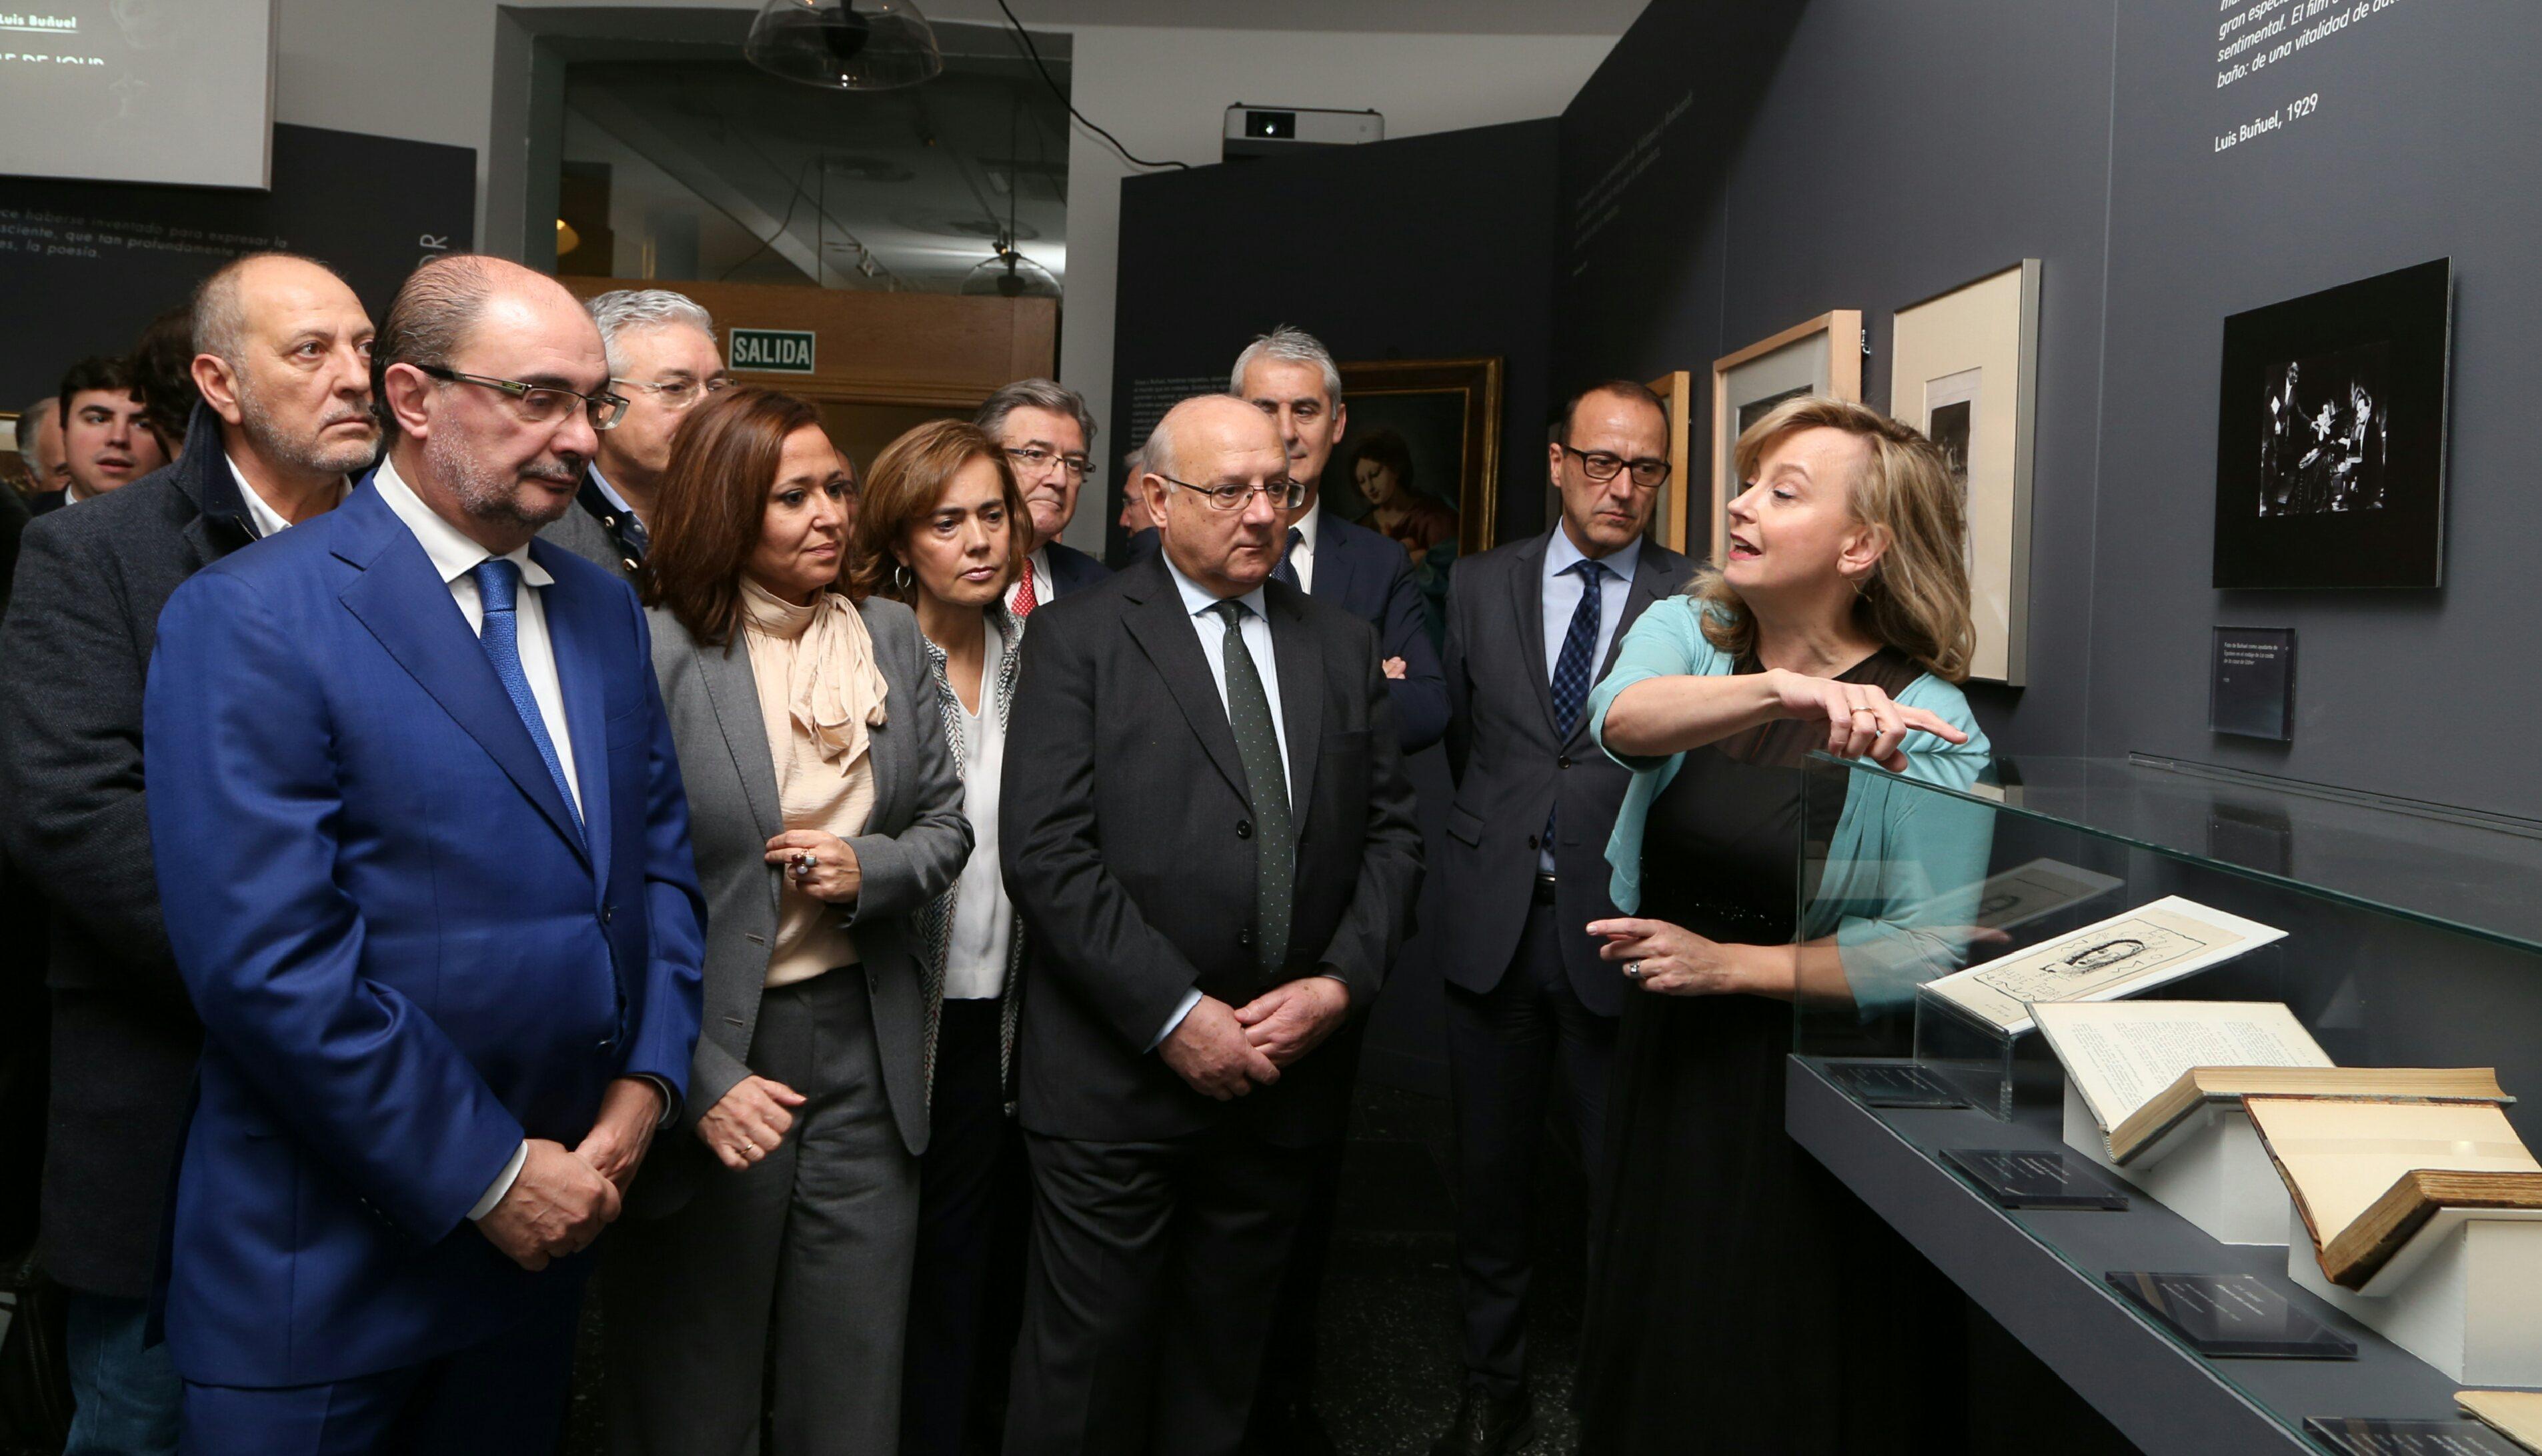 Goya + Buñuel Lázaro Galdiano 2